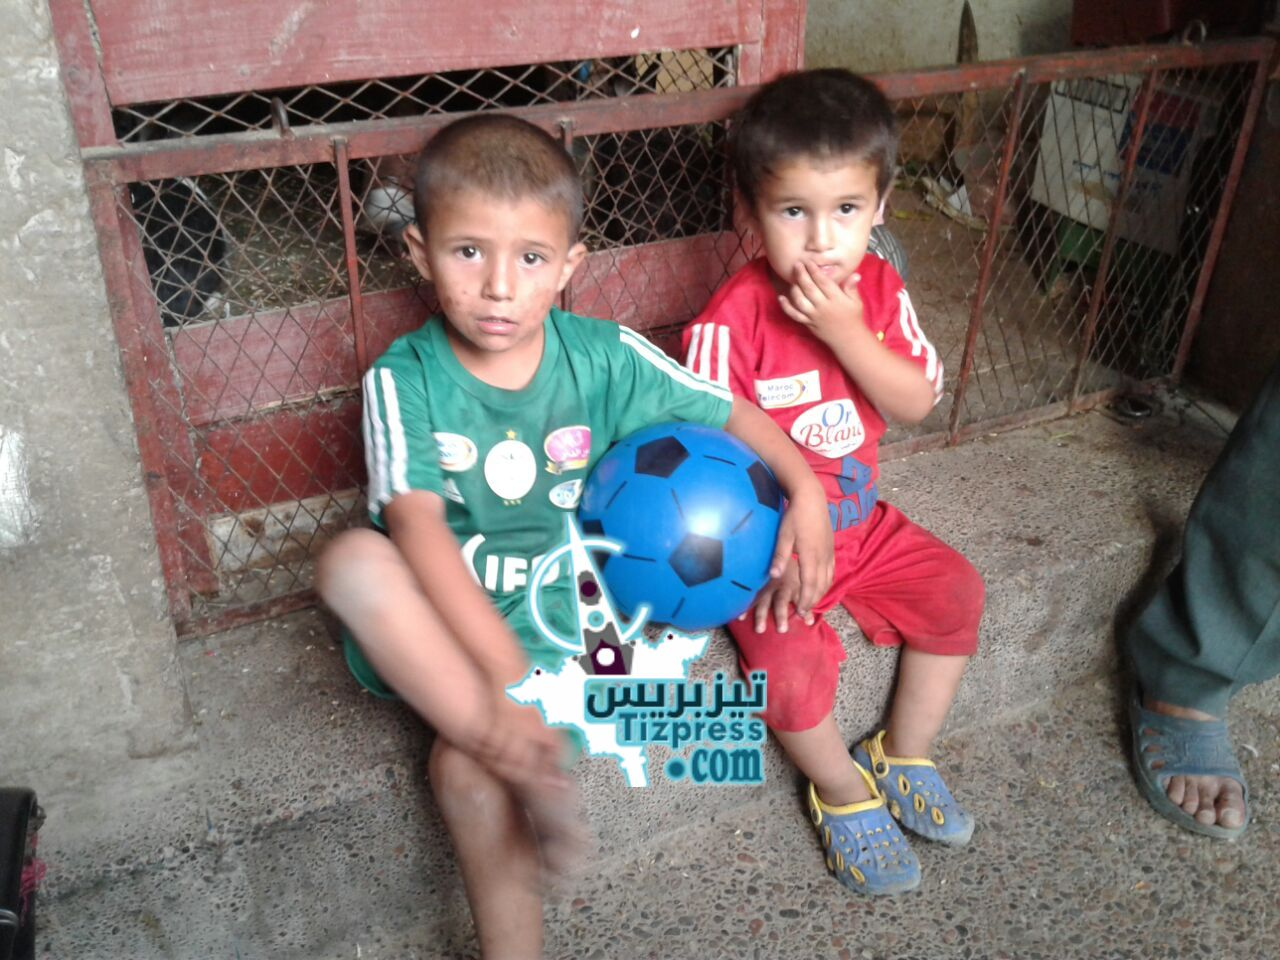 تيزنيت : النيابة العامة تُعيد الطفلين « هشام» و «مروان»  إلى صناديقهما الخشبية بشارع سيدي عبد الرحمان